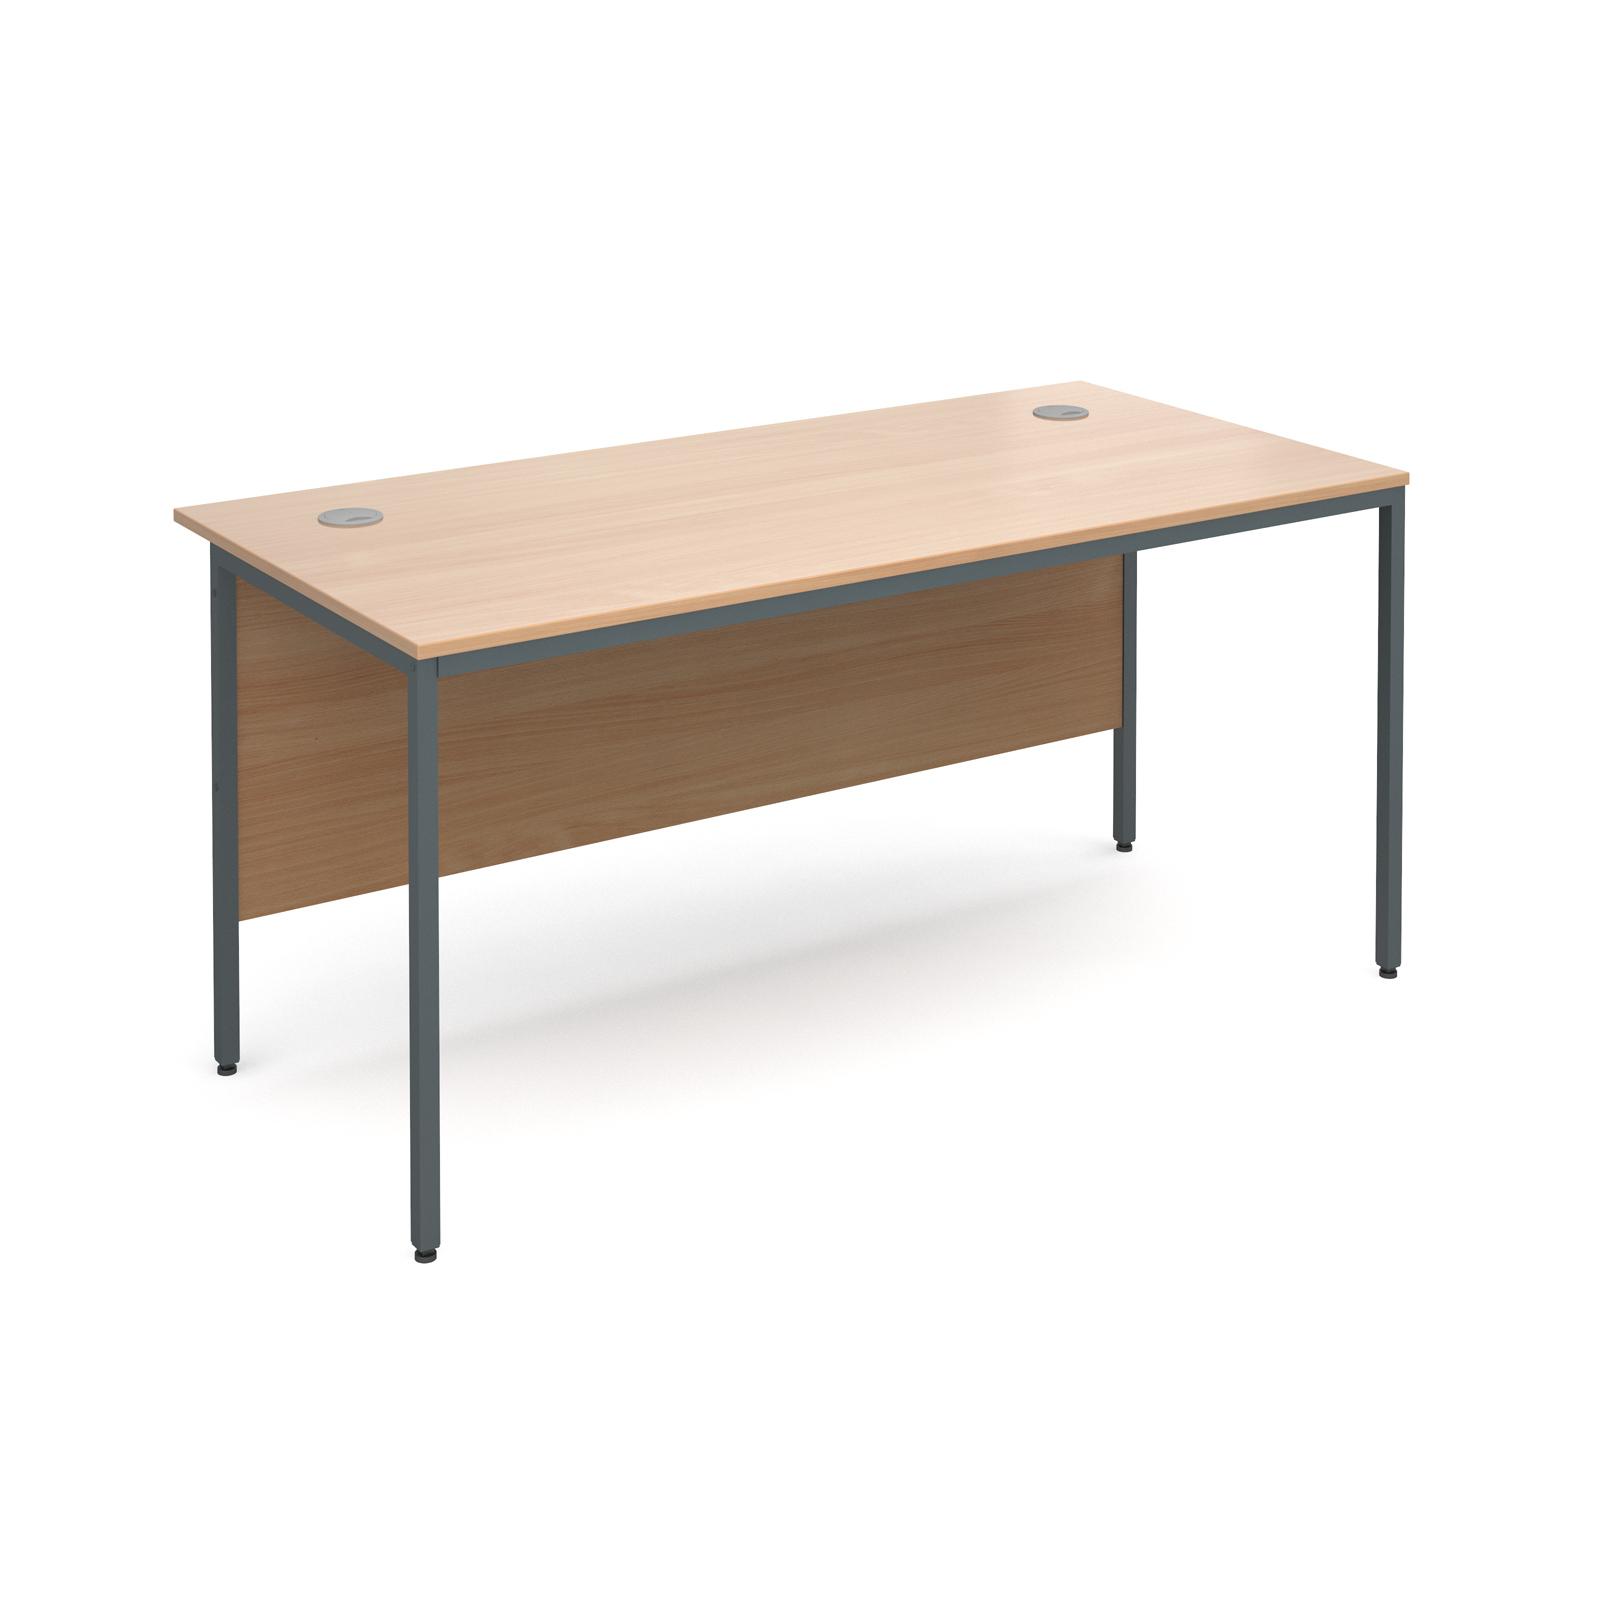 Maestro H frame straight desk 1532mm - beech